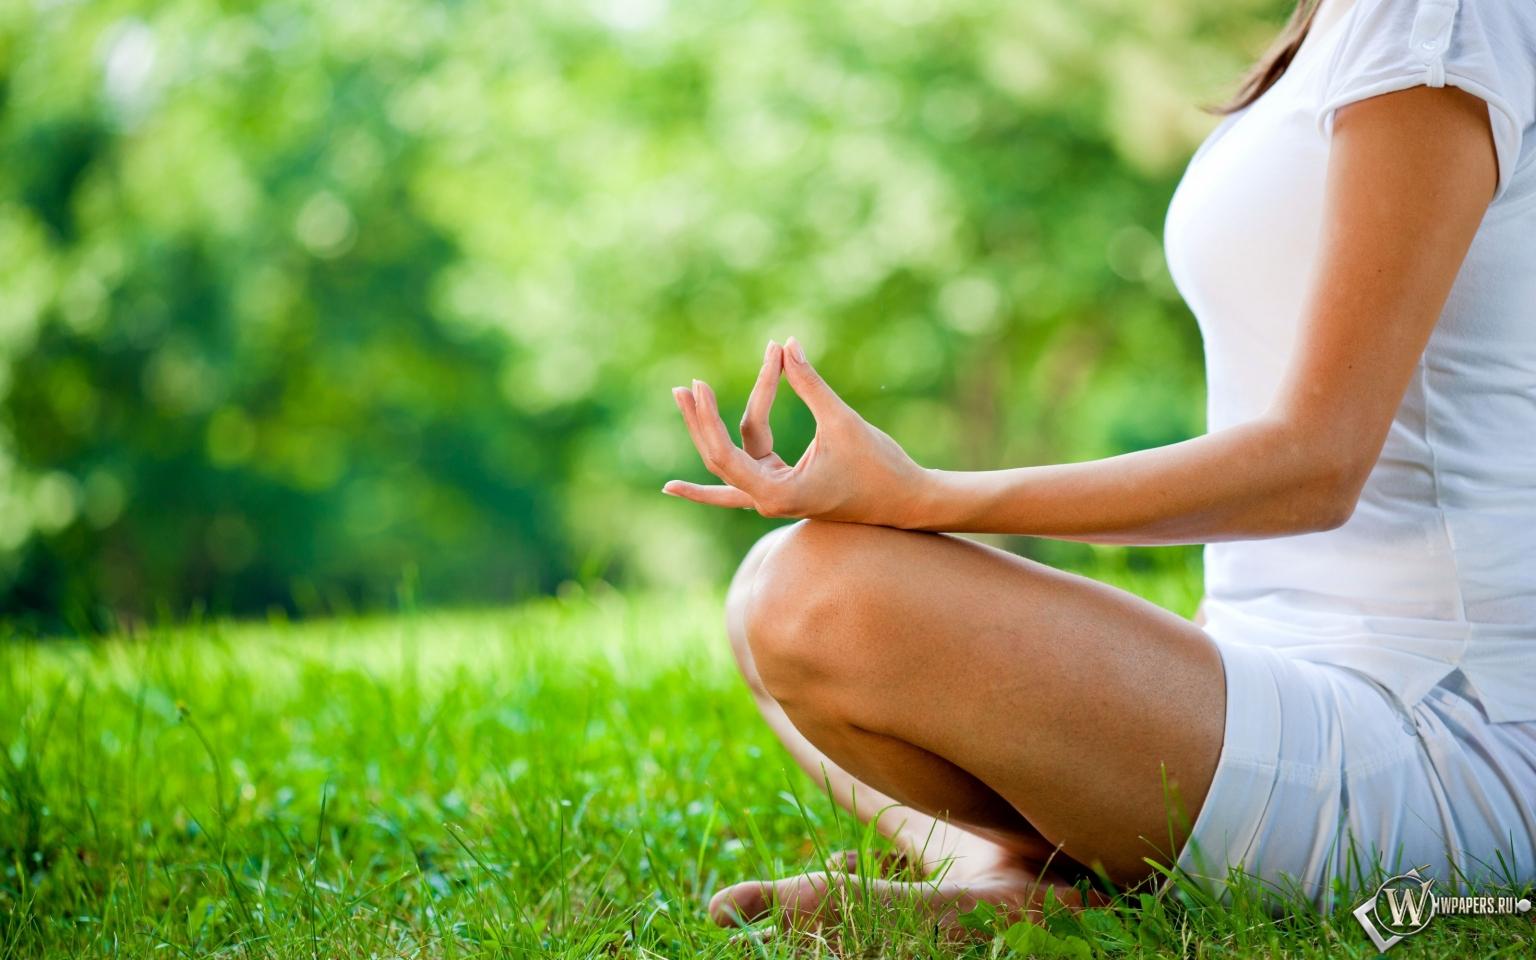 Скачать обои Медитация (Настроение, Медитация) для рабочего стола 1536х960 (16:10) бесплатно, Картинки Медитация Настроение, Мед